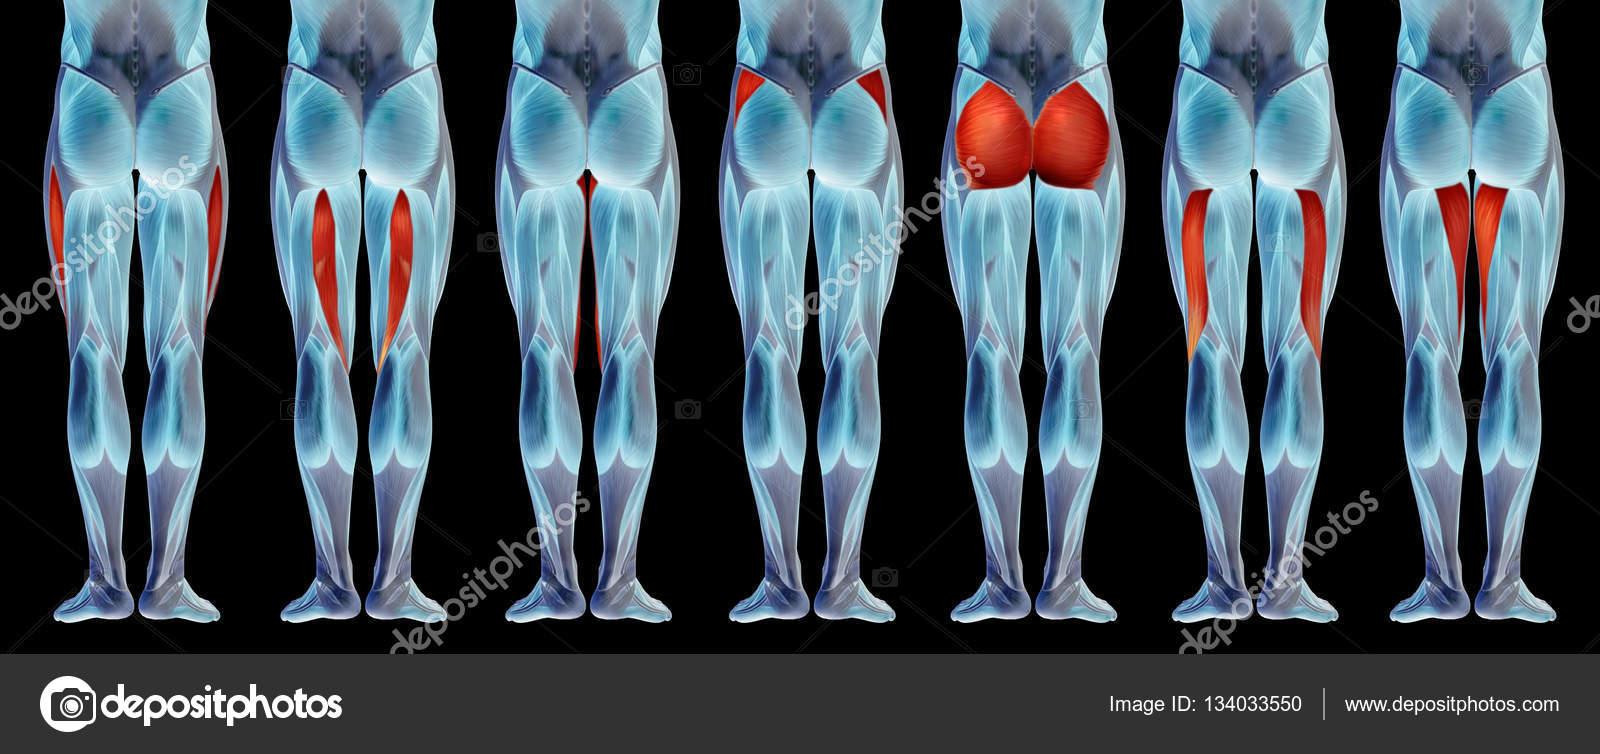 Oberschenkel-Anatomie — Stockfoto © design36 #134033550